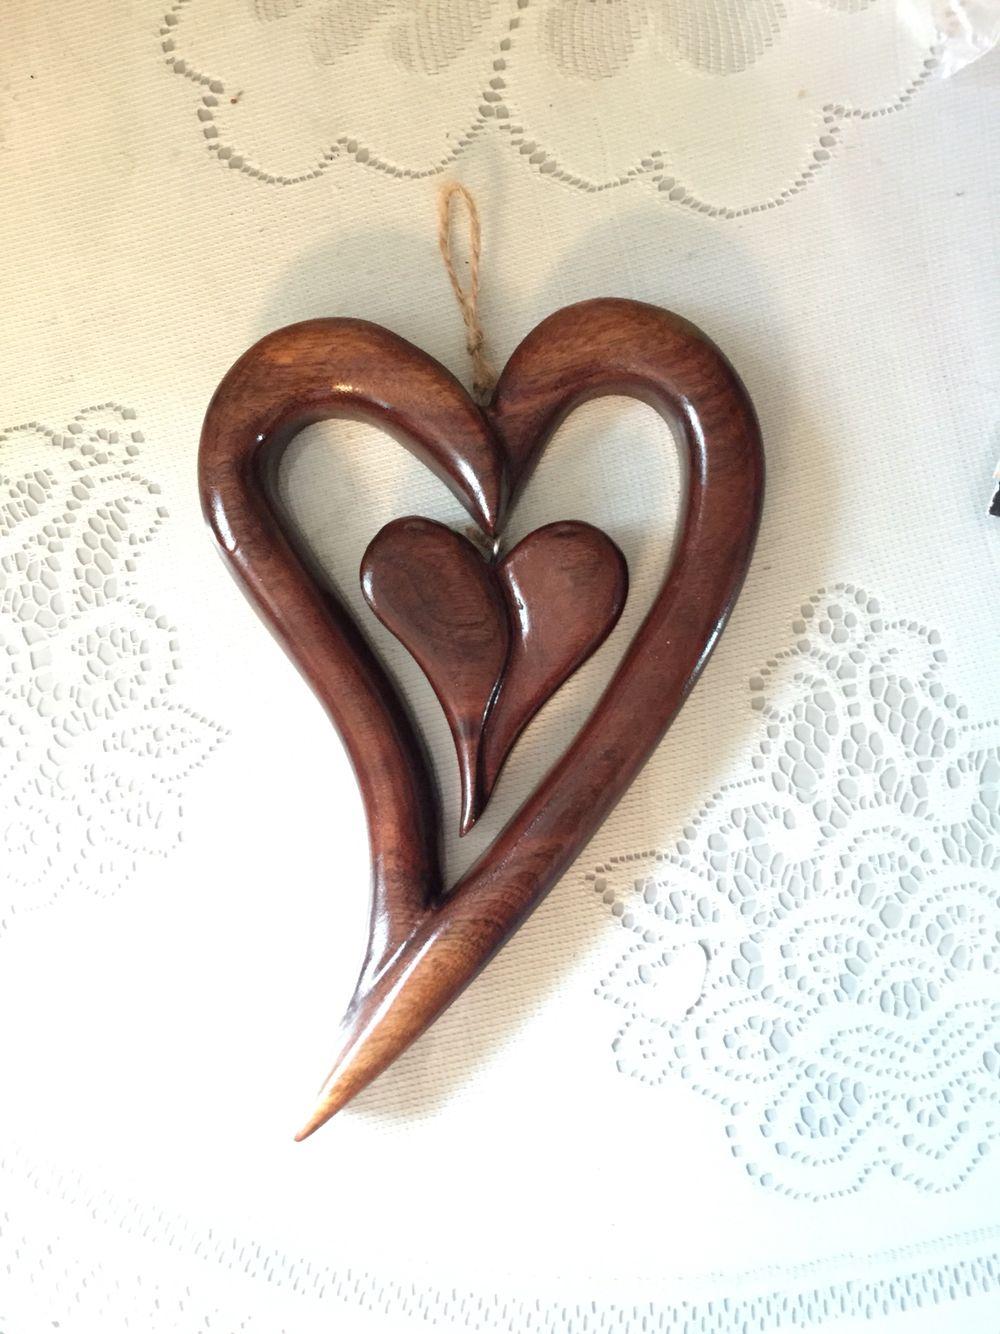 Walnut Wood Heart In Heart Carving Wood Carving Designs Wood Carving Patterns Wood Hearts